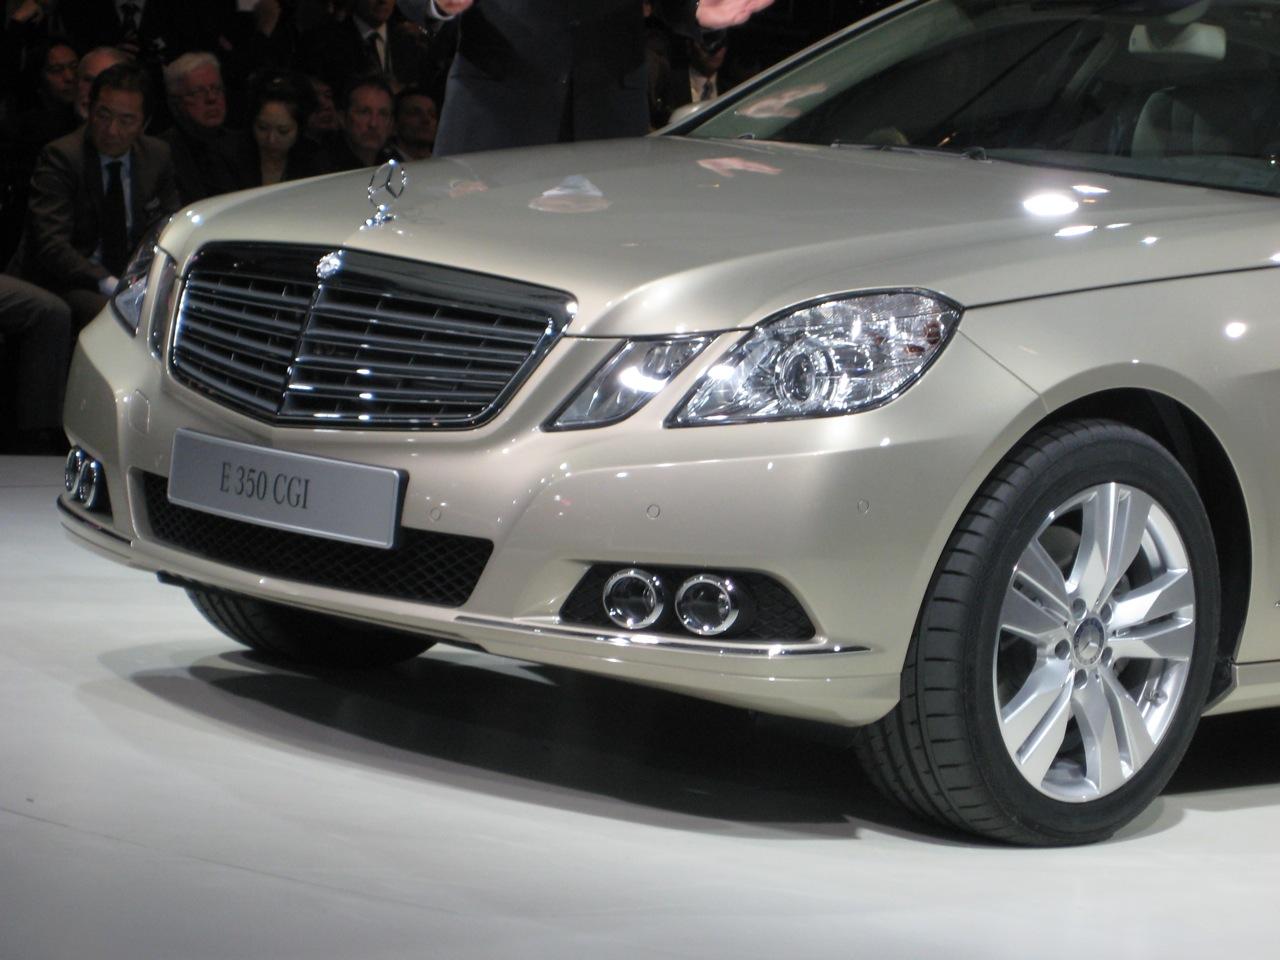 2010-e-class-1280-16.jpg